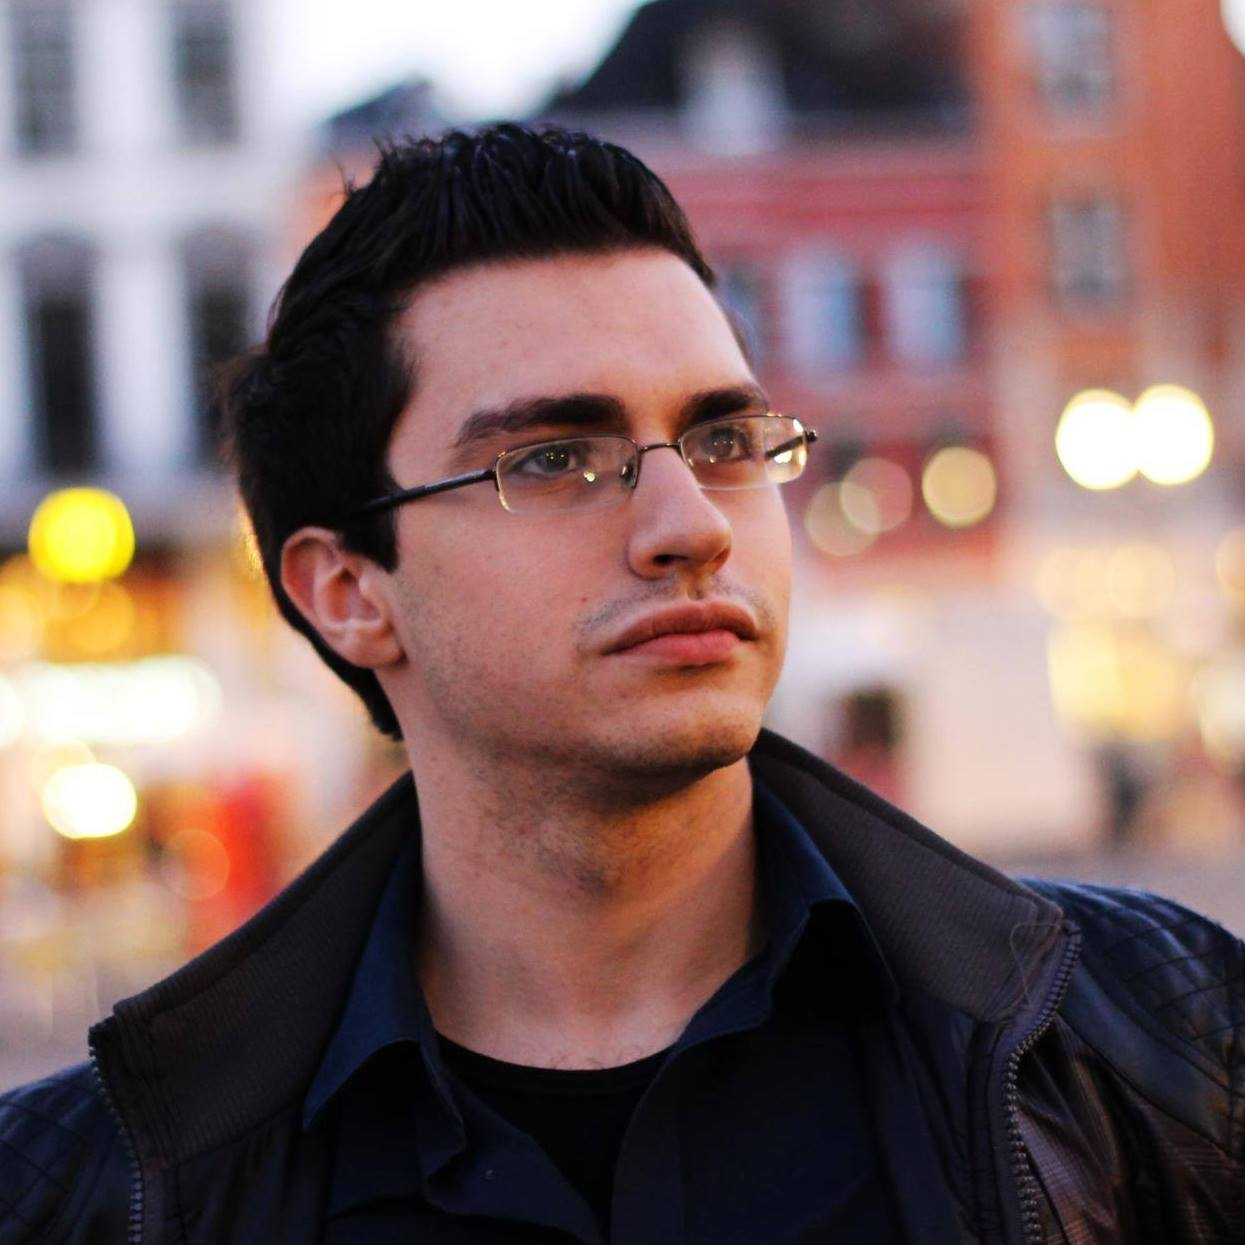 Alessandro Giammello